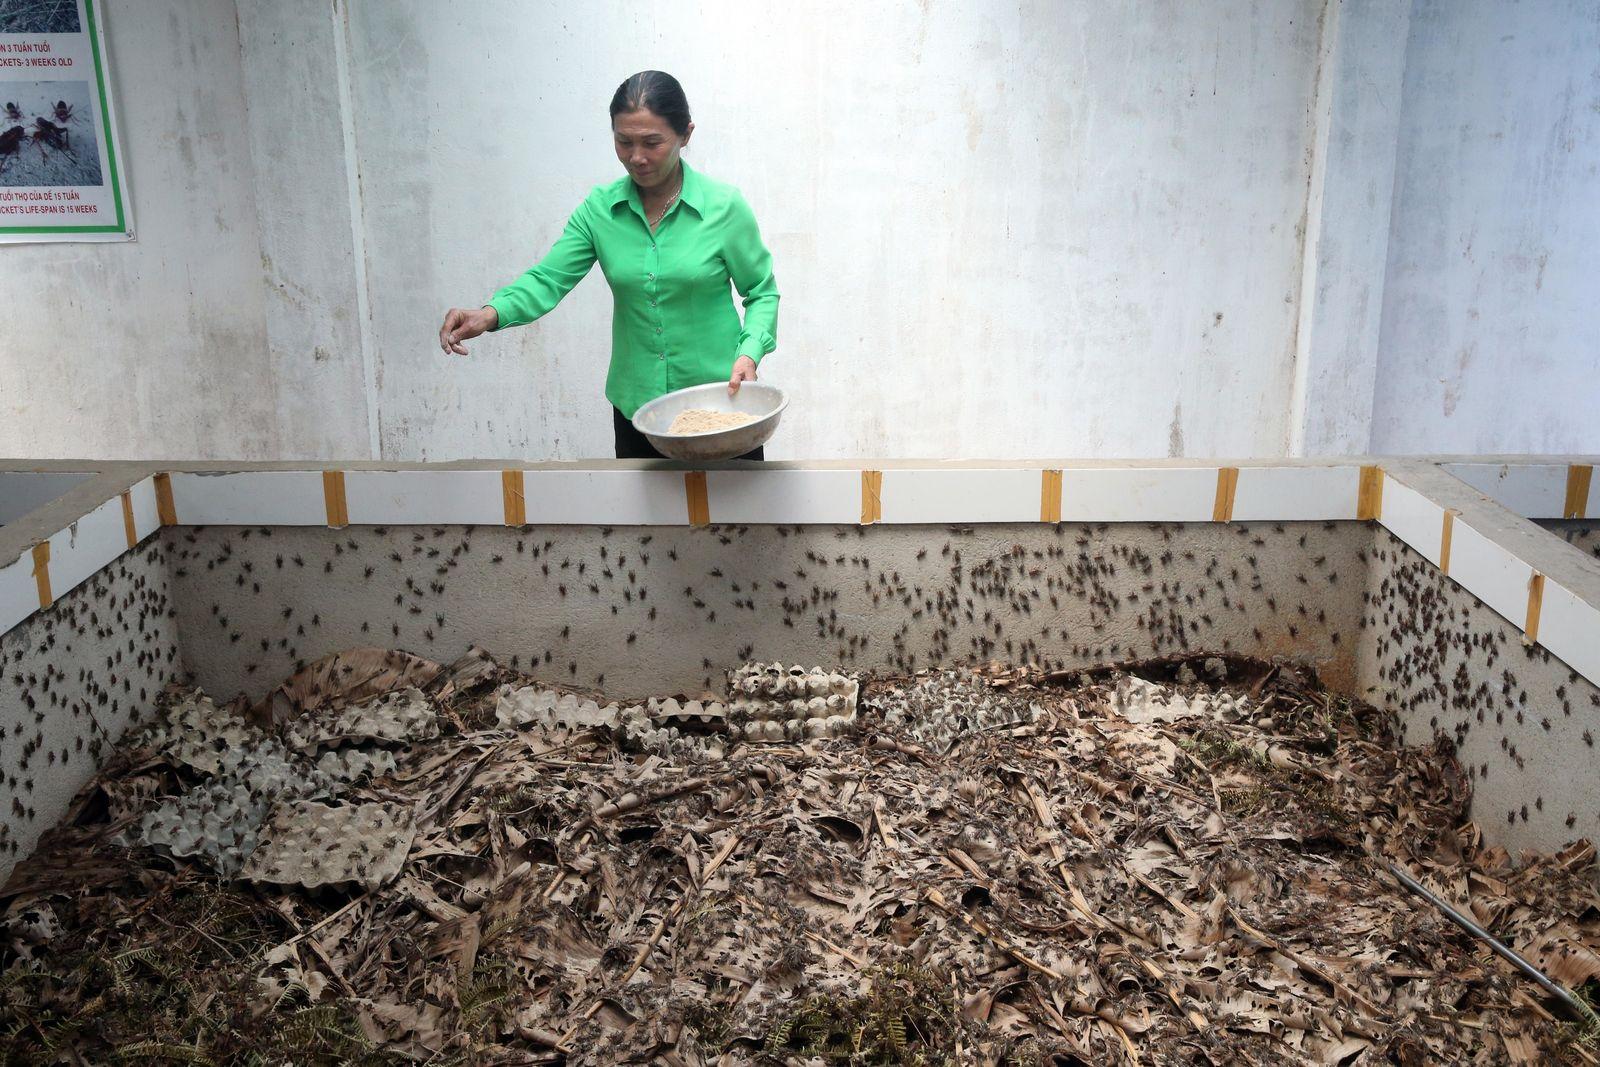 A cricket farm in Dalat, Vietnam.